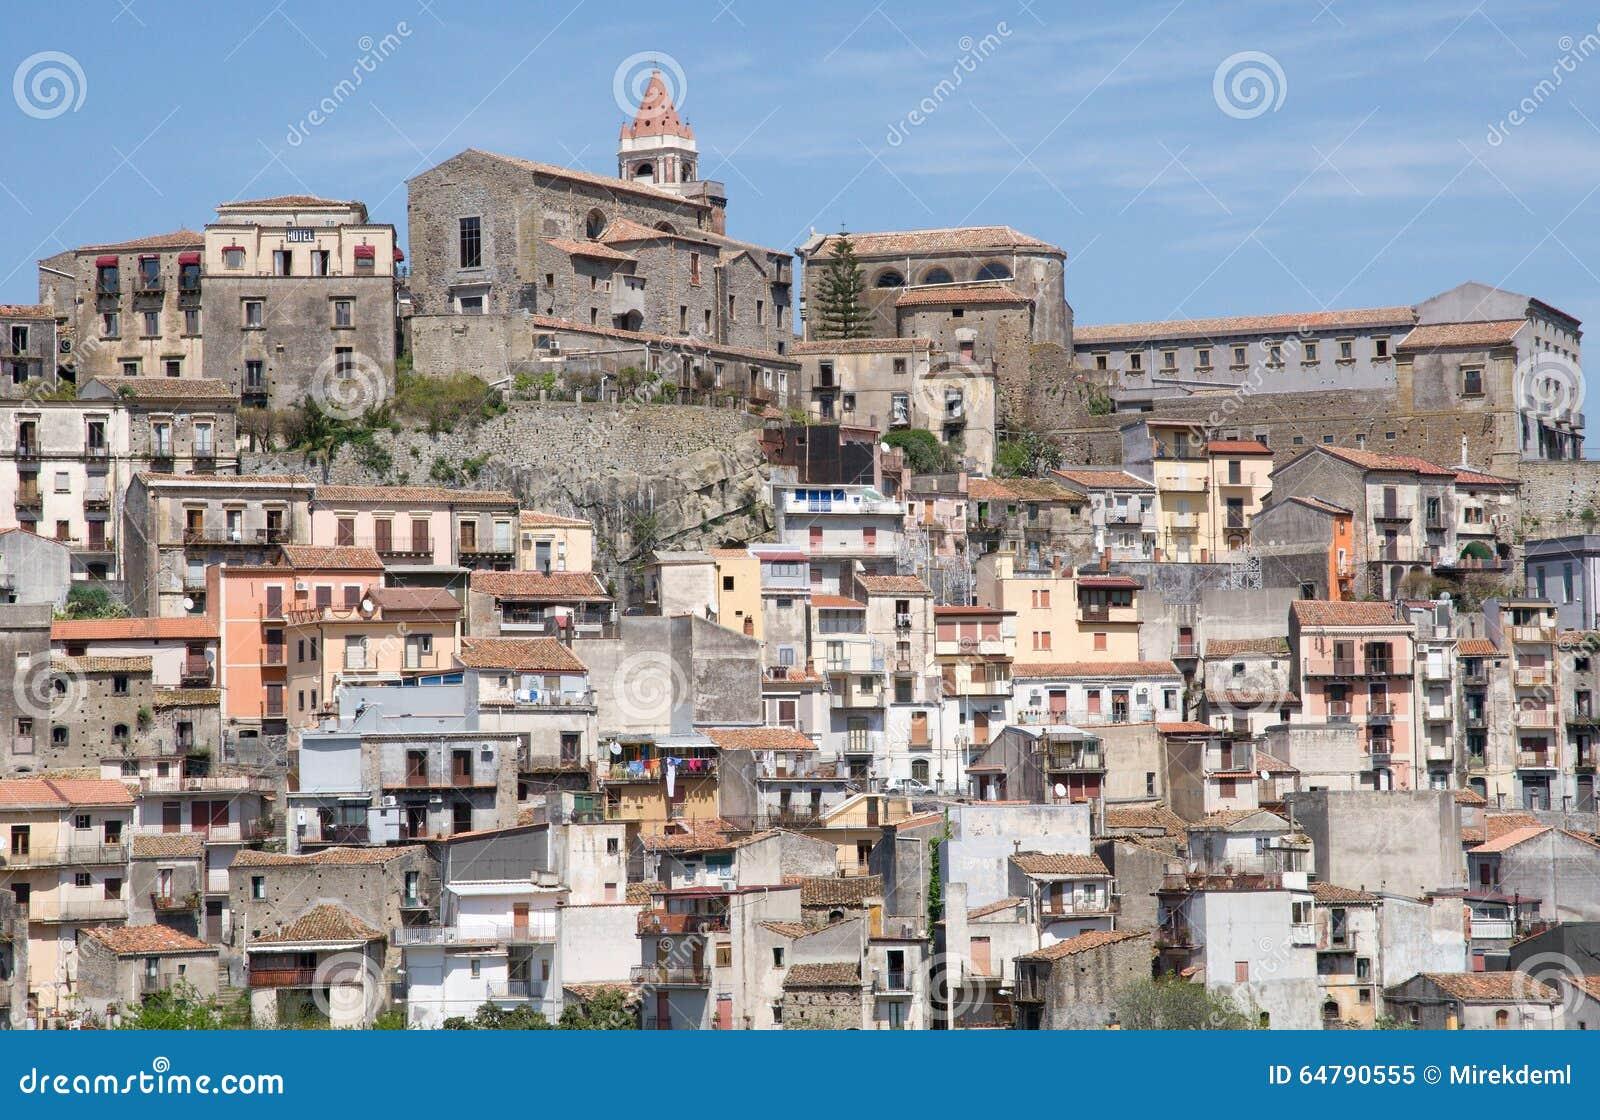 Castiglione di Sicilia Italy  City new picture : Castiglione Di Sicilia, Italy Stock Photo Image: 64790555